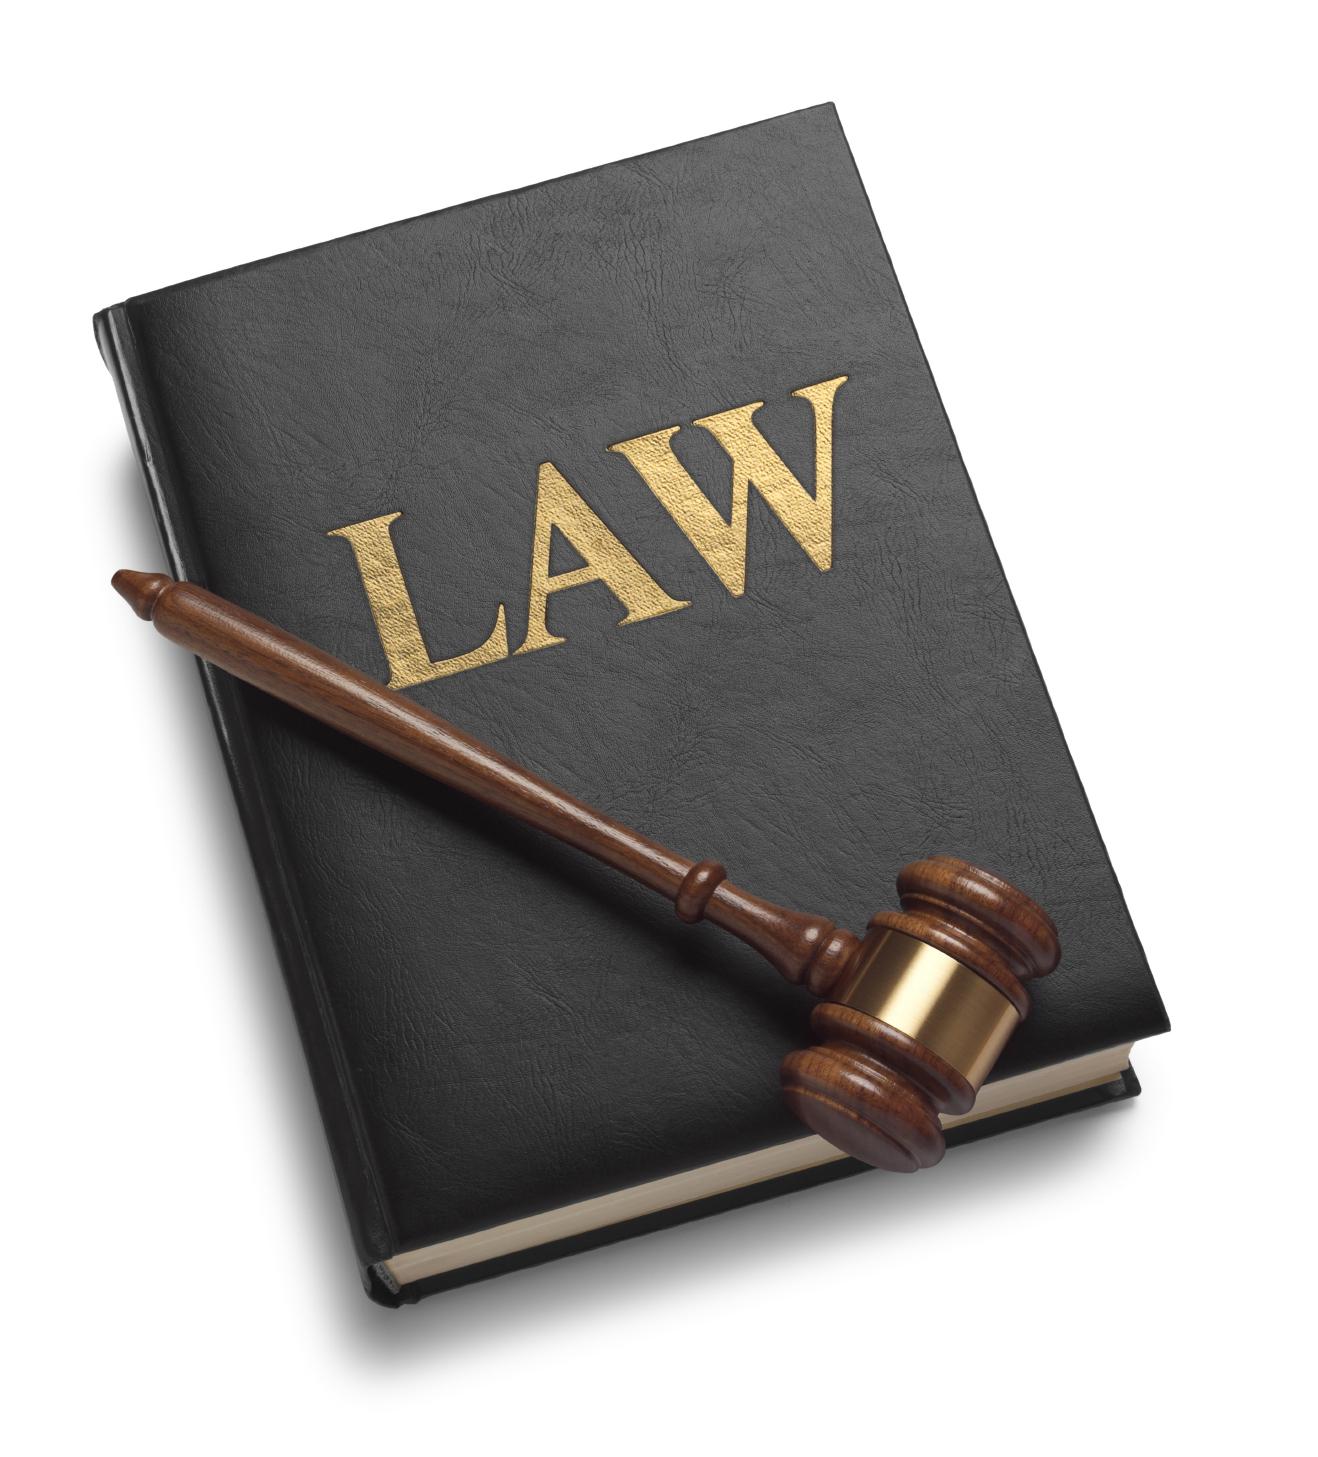 29/06/2010 Luật số 53/2010/QH12 - Luật thi hành án hình sự